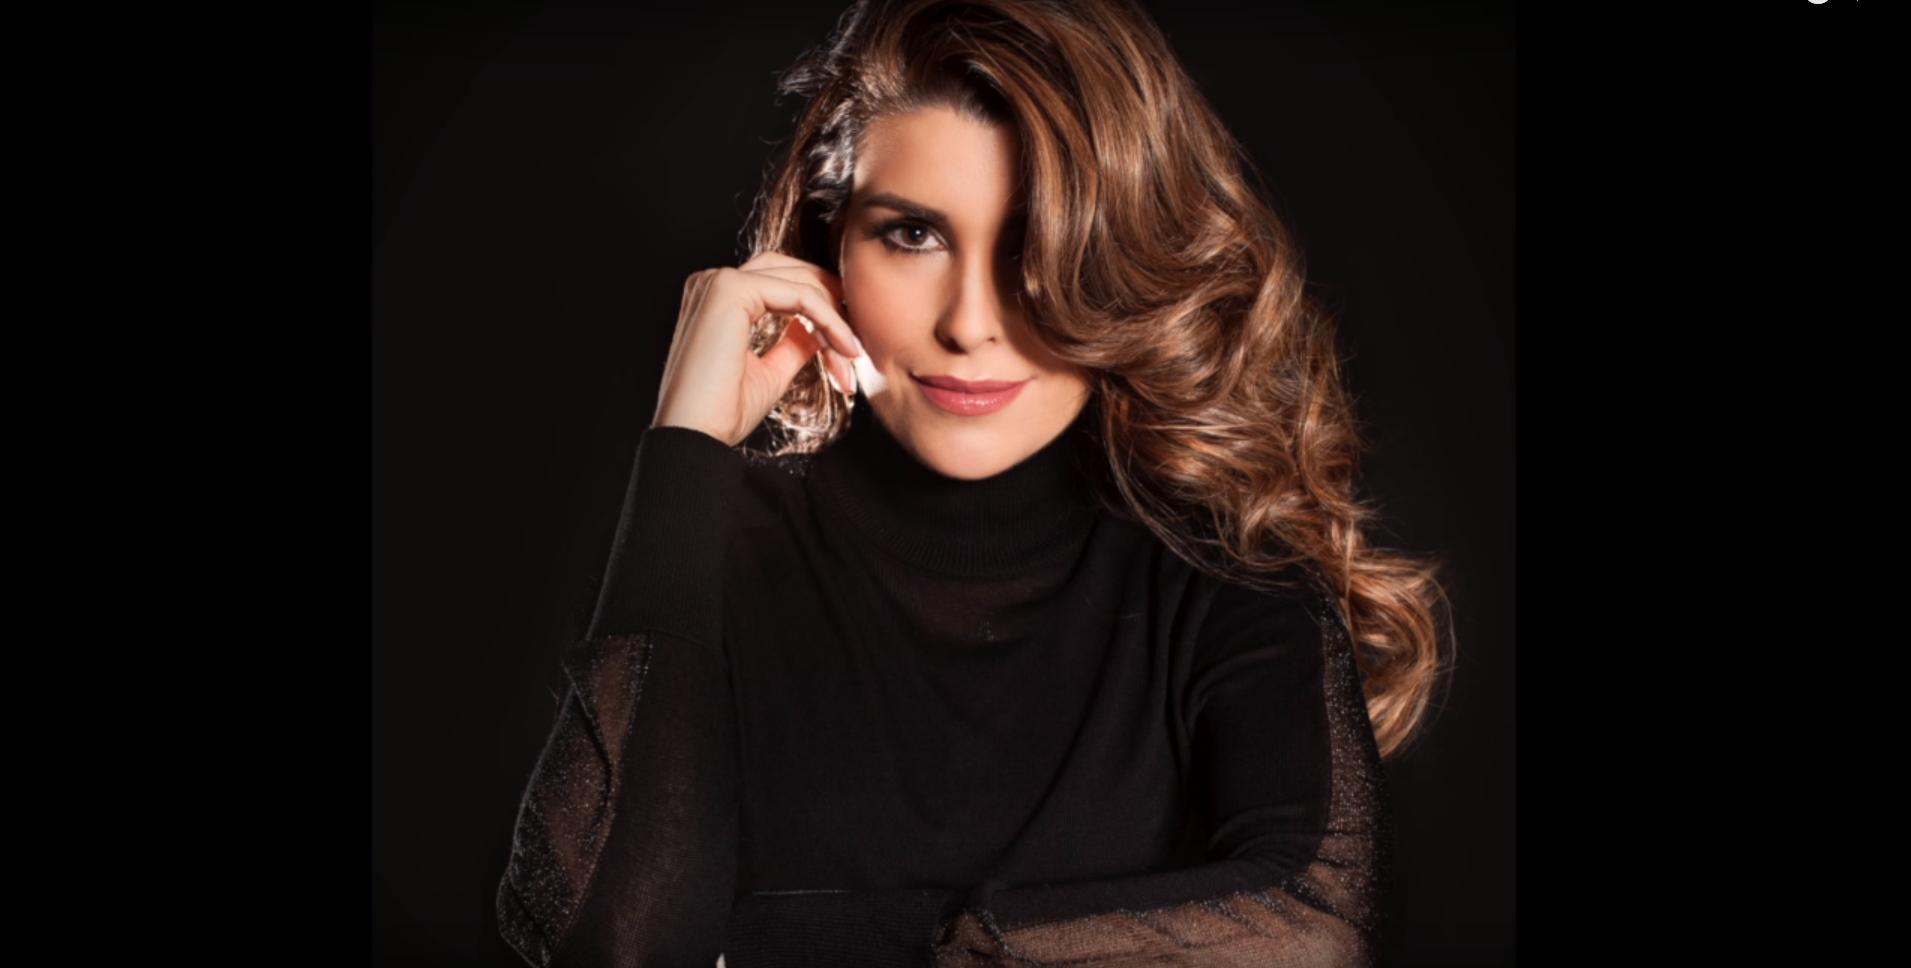 Dio Come Ti Amo – Nádia Figueiredo & Max Wilson – Italian Song